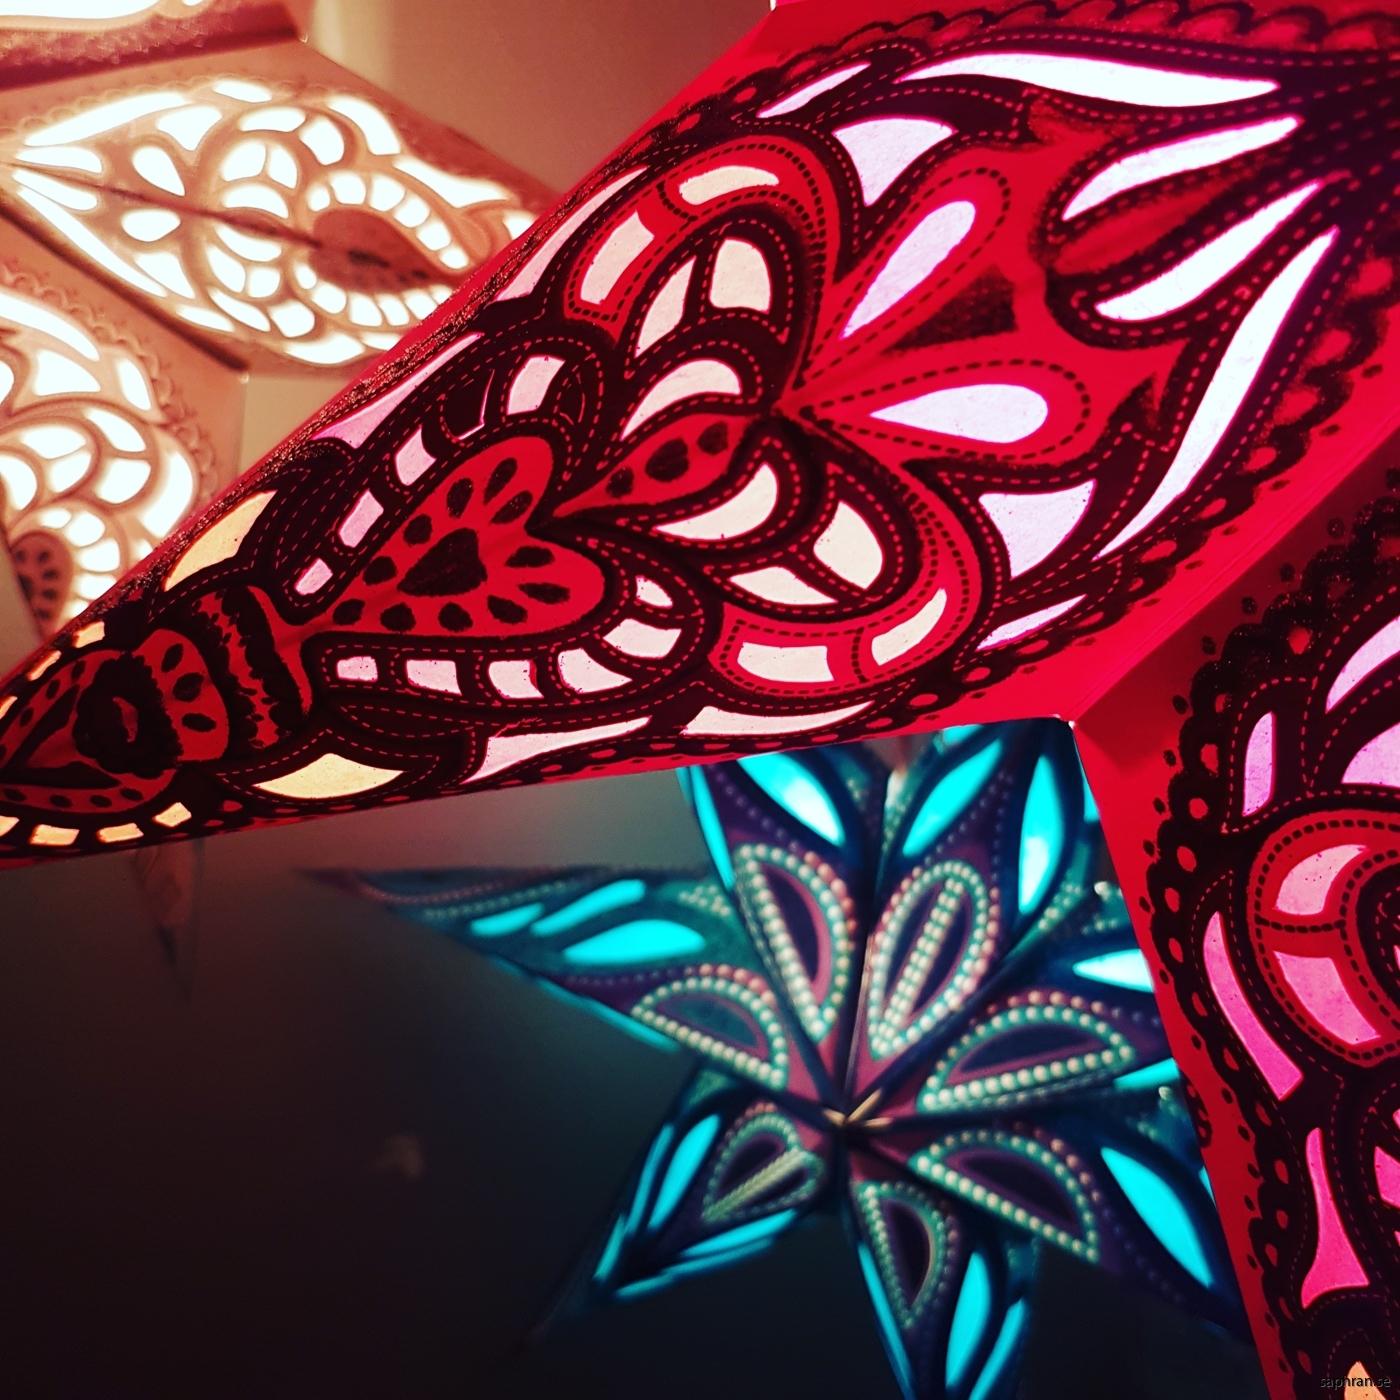 Orientaliska julstjärnor/adventsstjärnor från Saphran